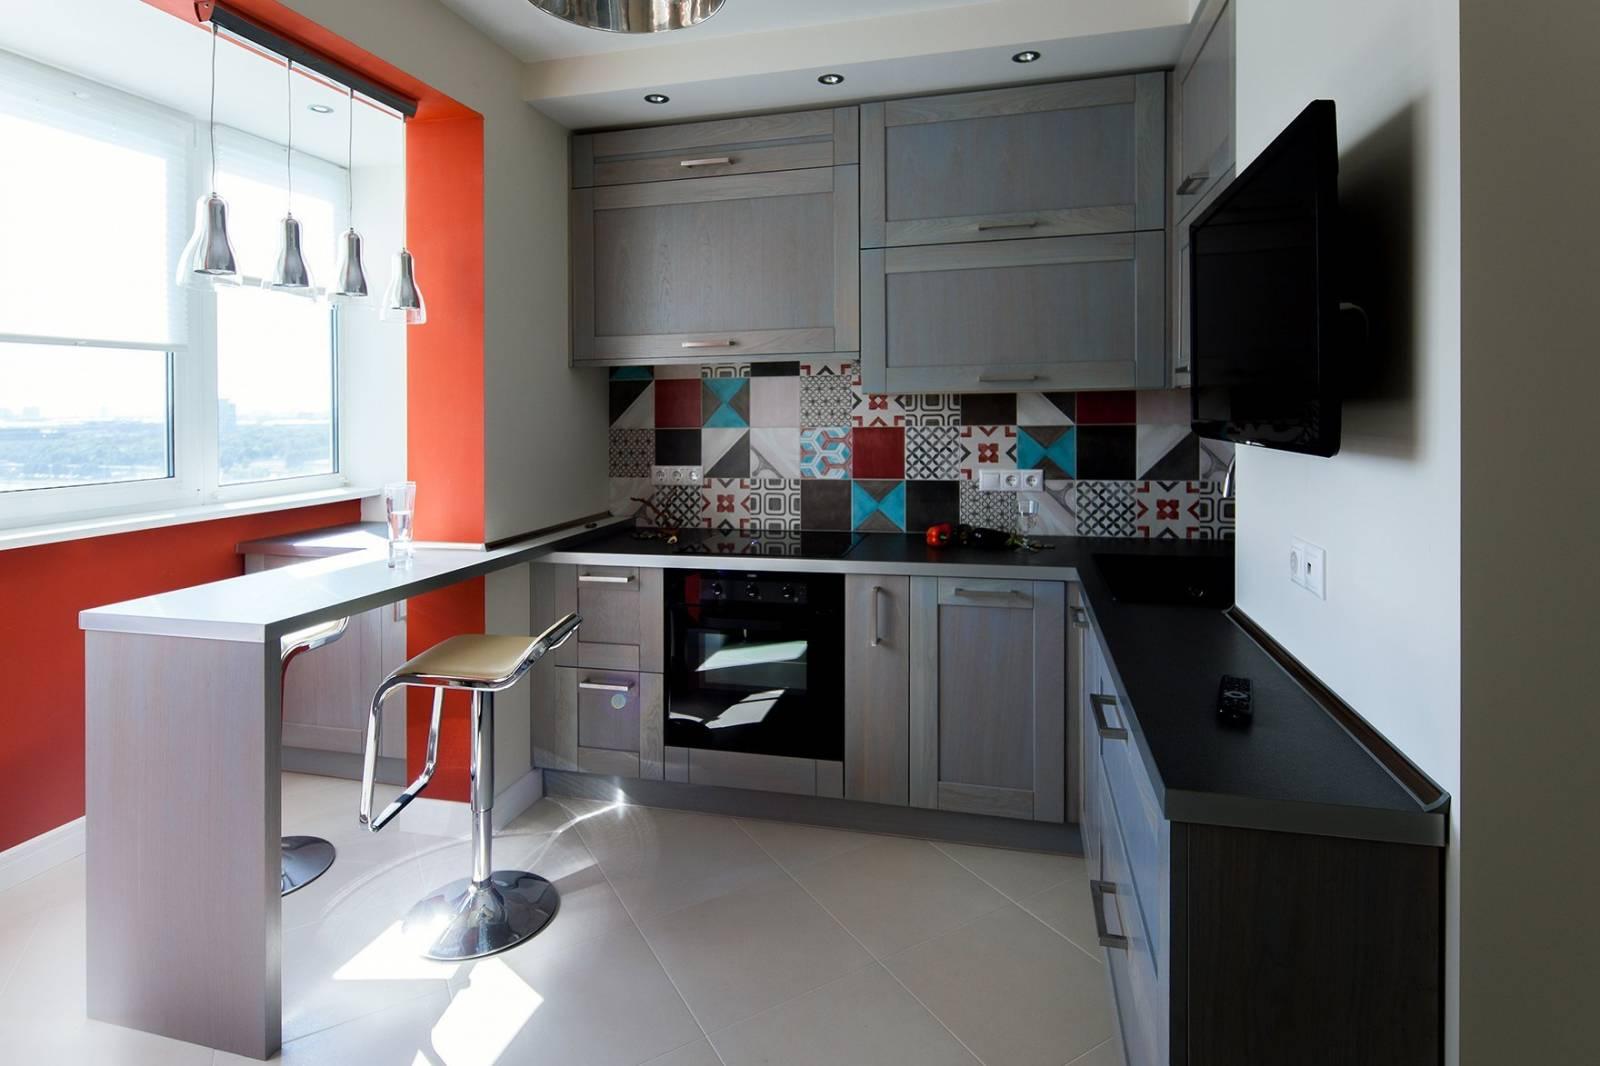 Варианты планировок на кухне-гостиной 22 кв м, фото в интерьере